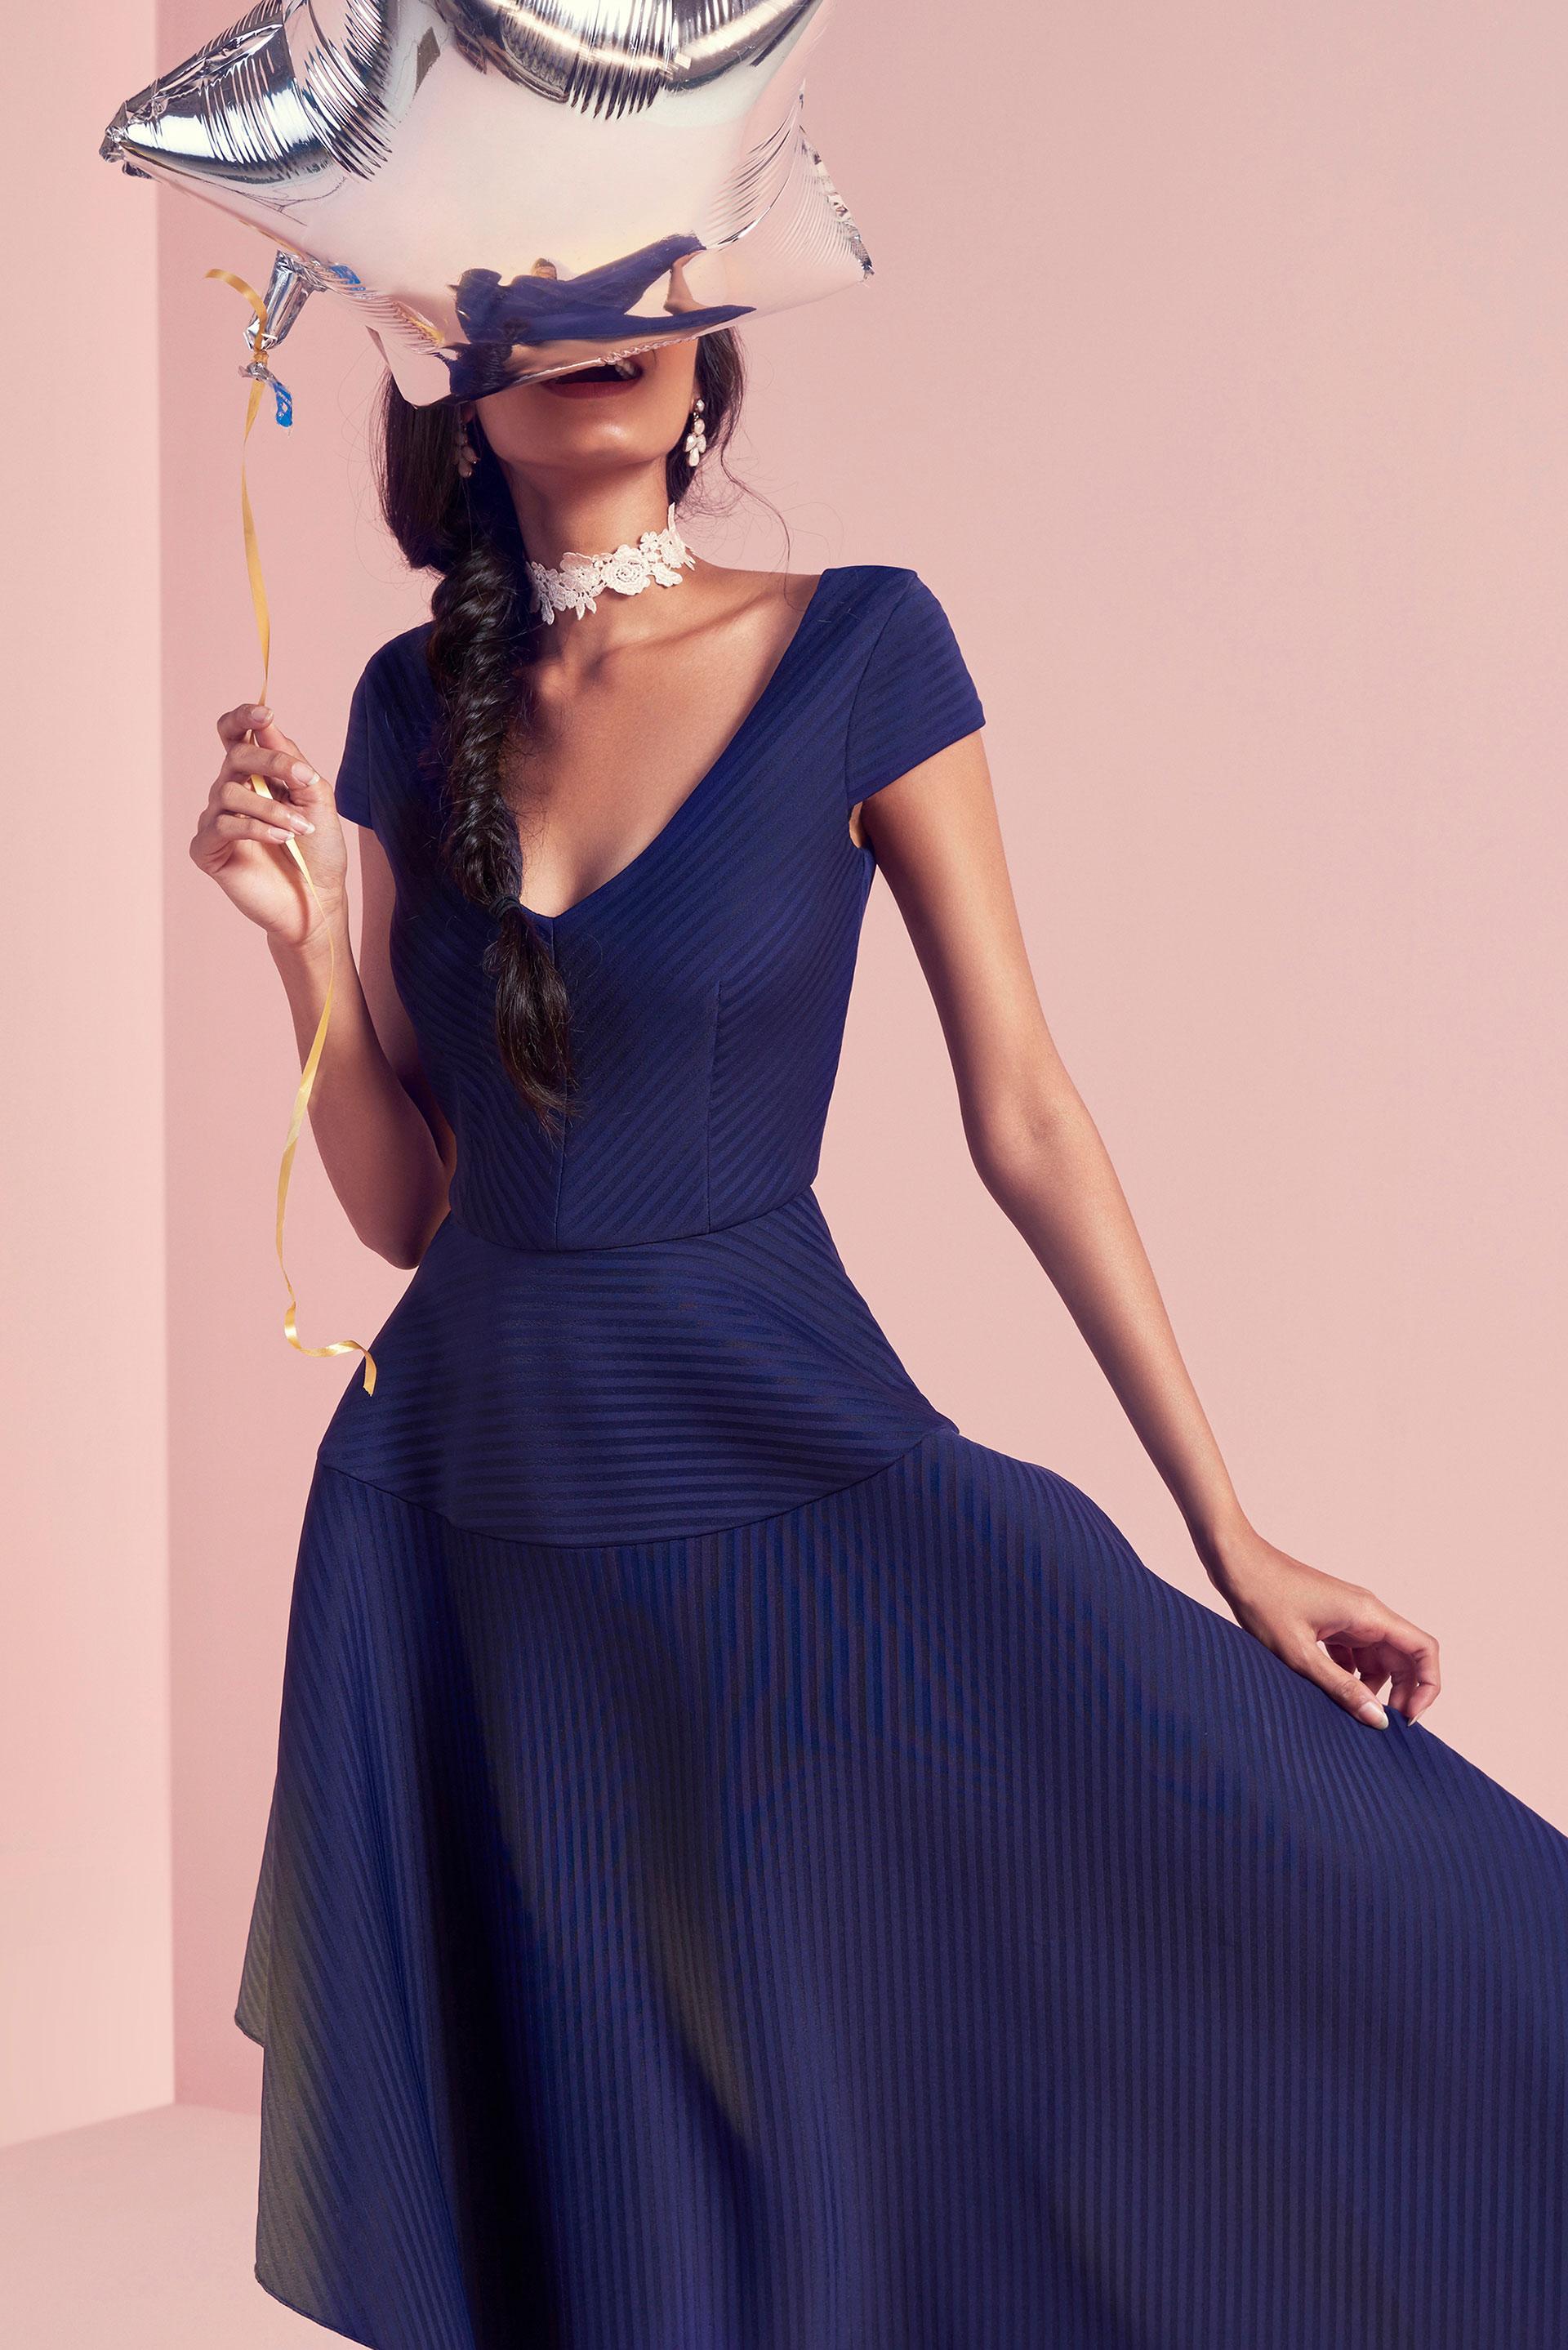 Portrett av kvinne i blå kjole.